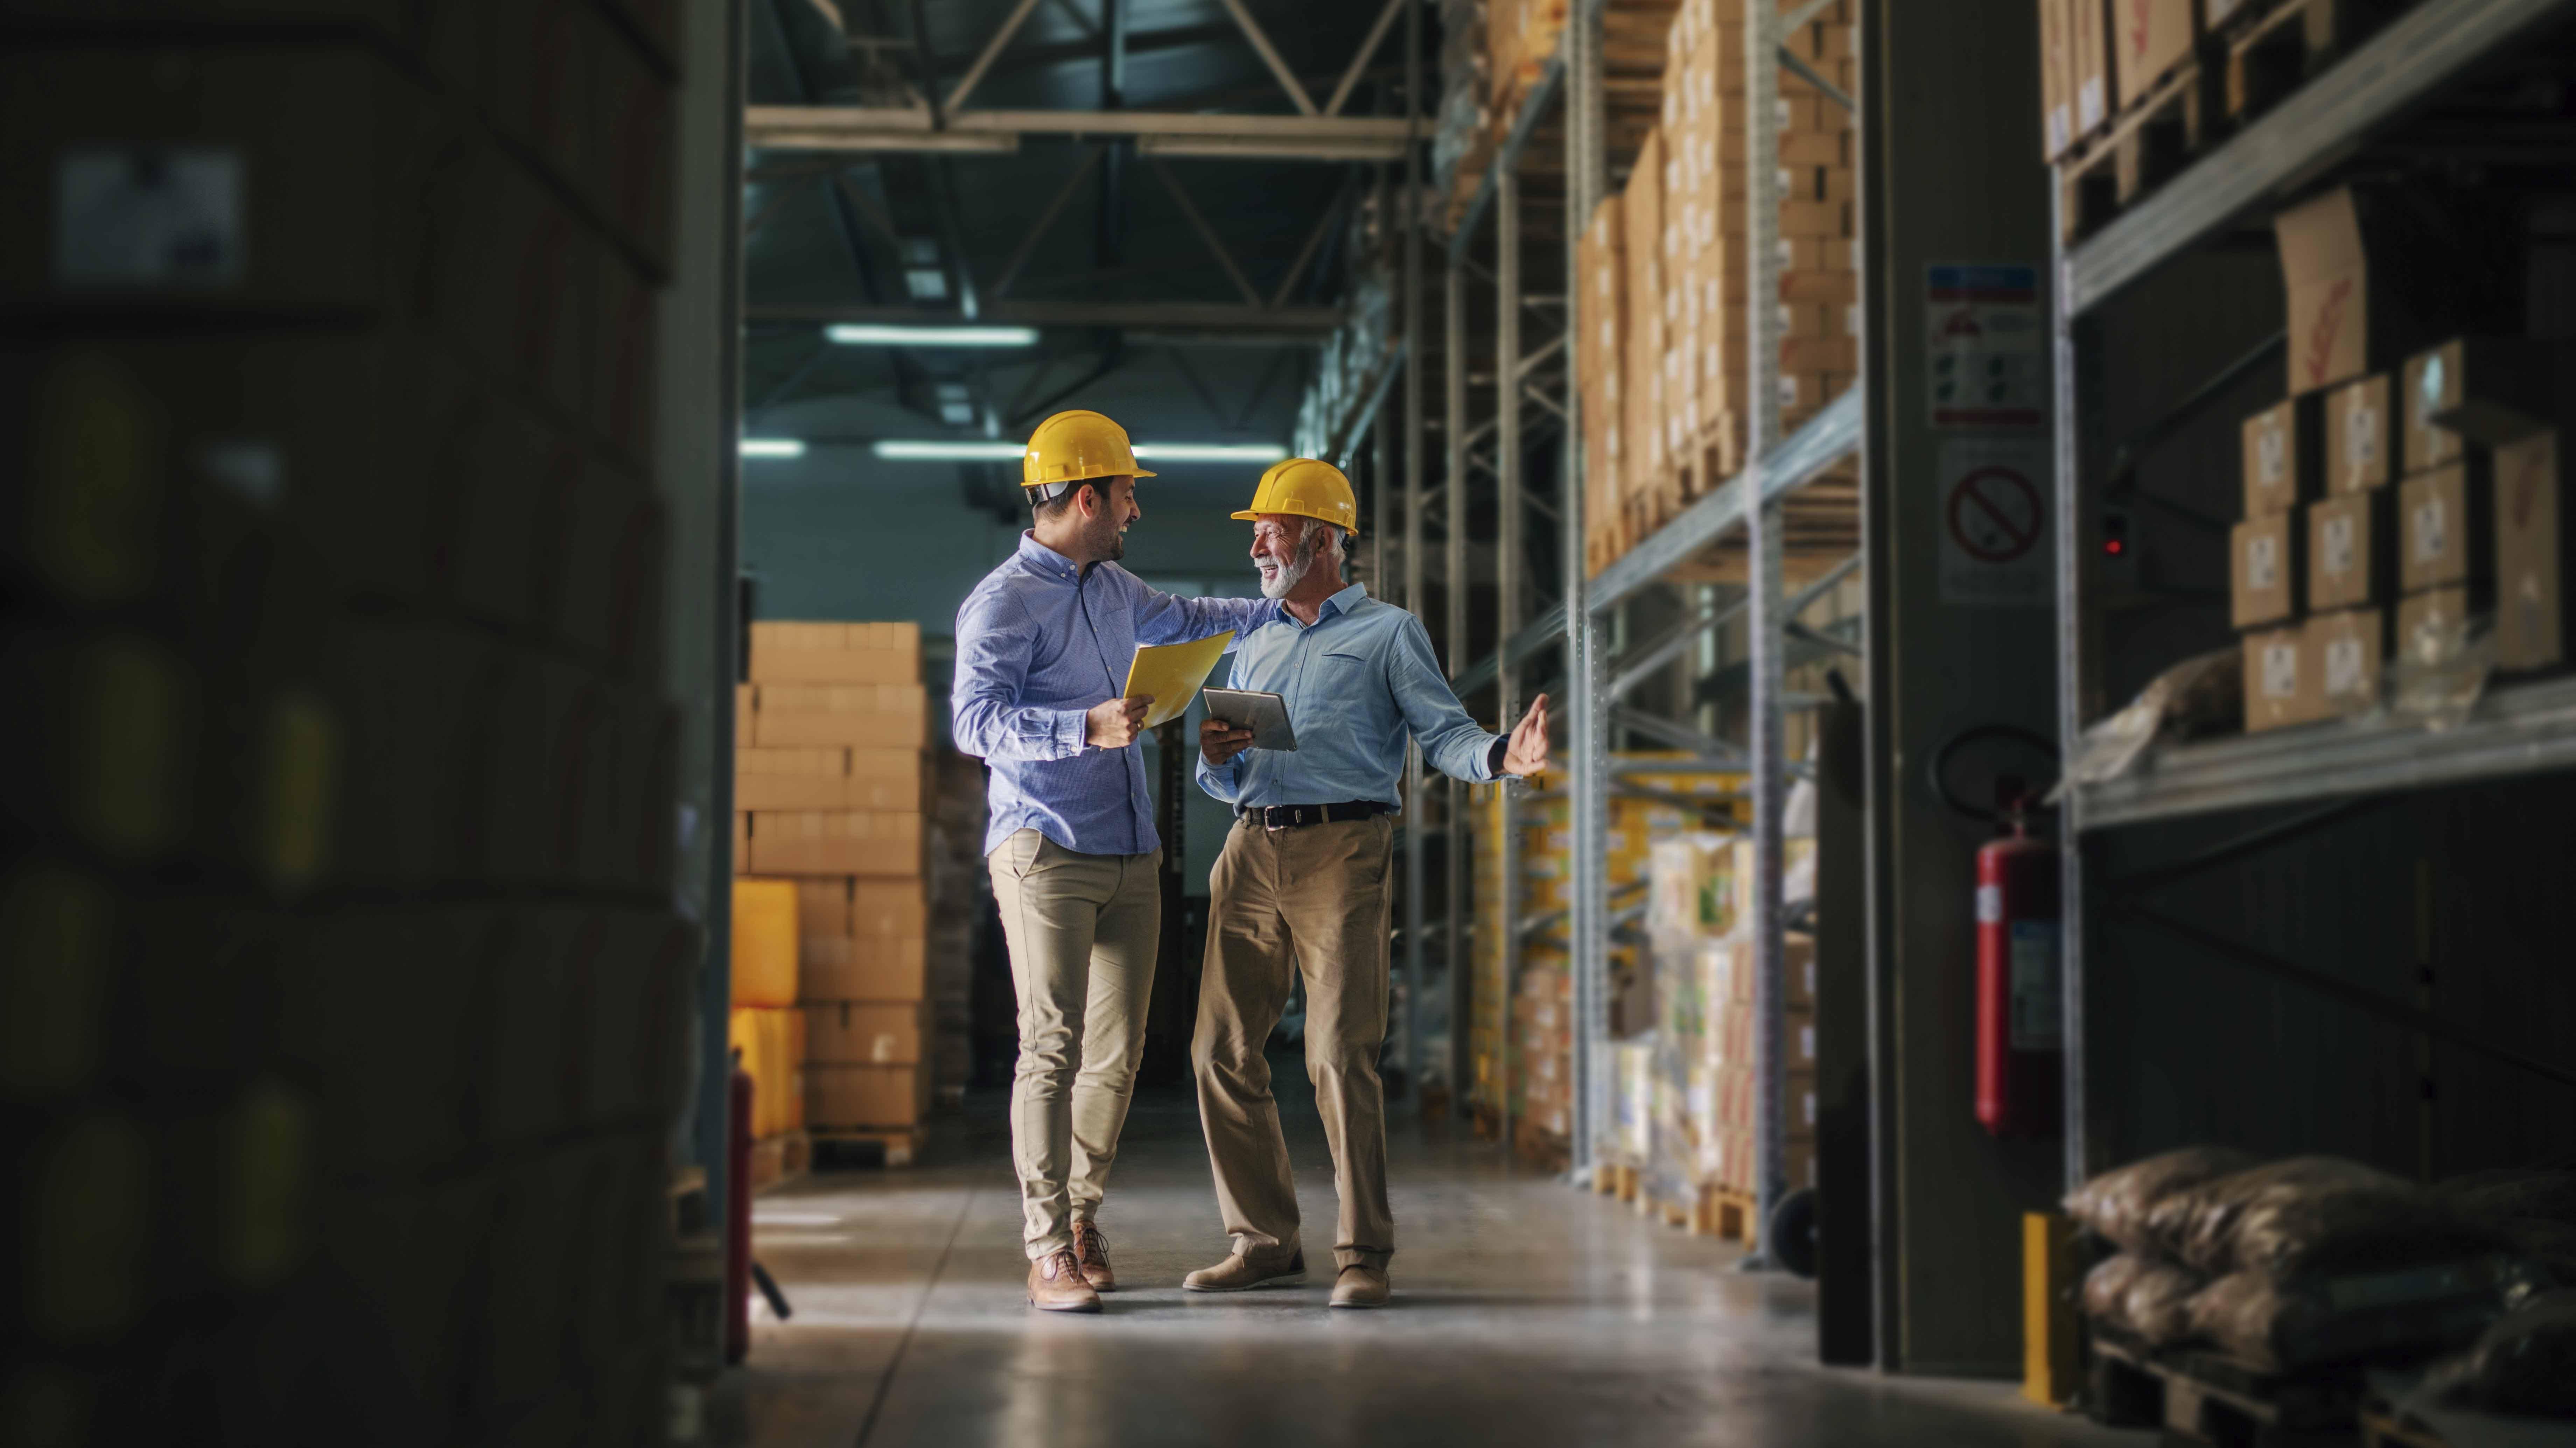 talento-en-logistica-aumentan-las-capacitaciones-y-lineas-de-carreras-para-operarios